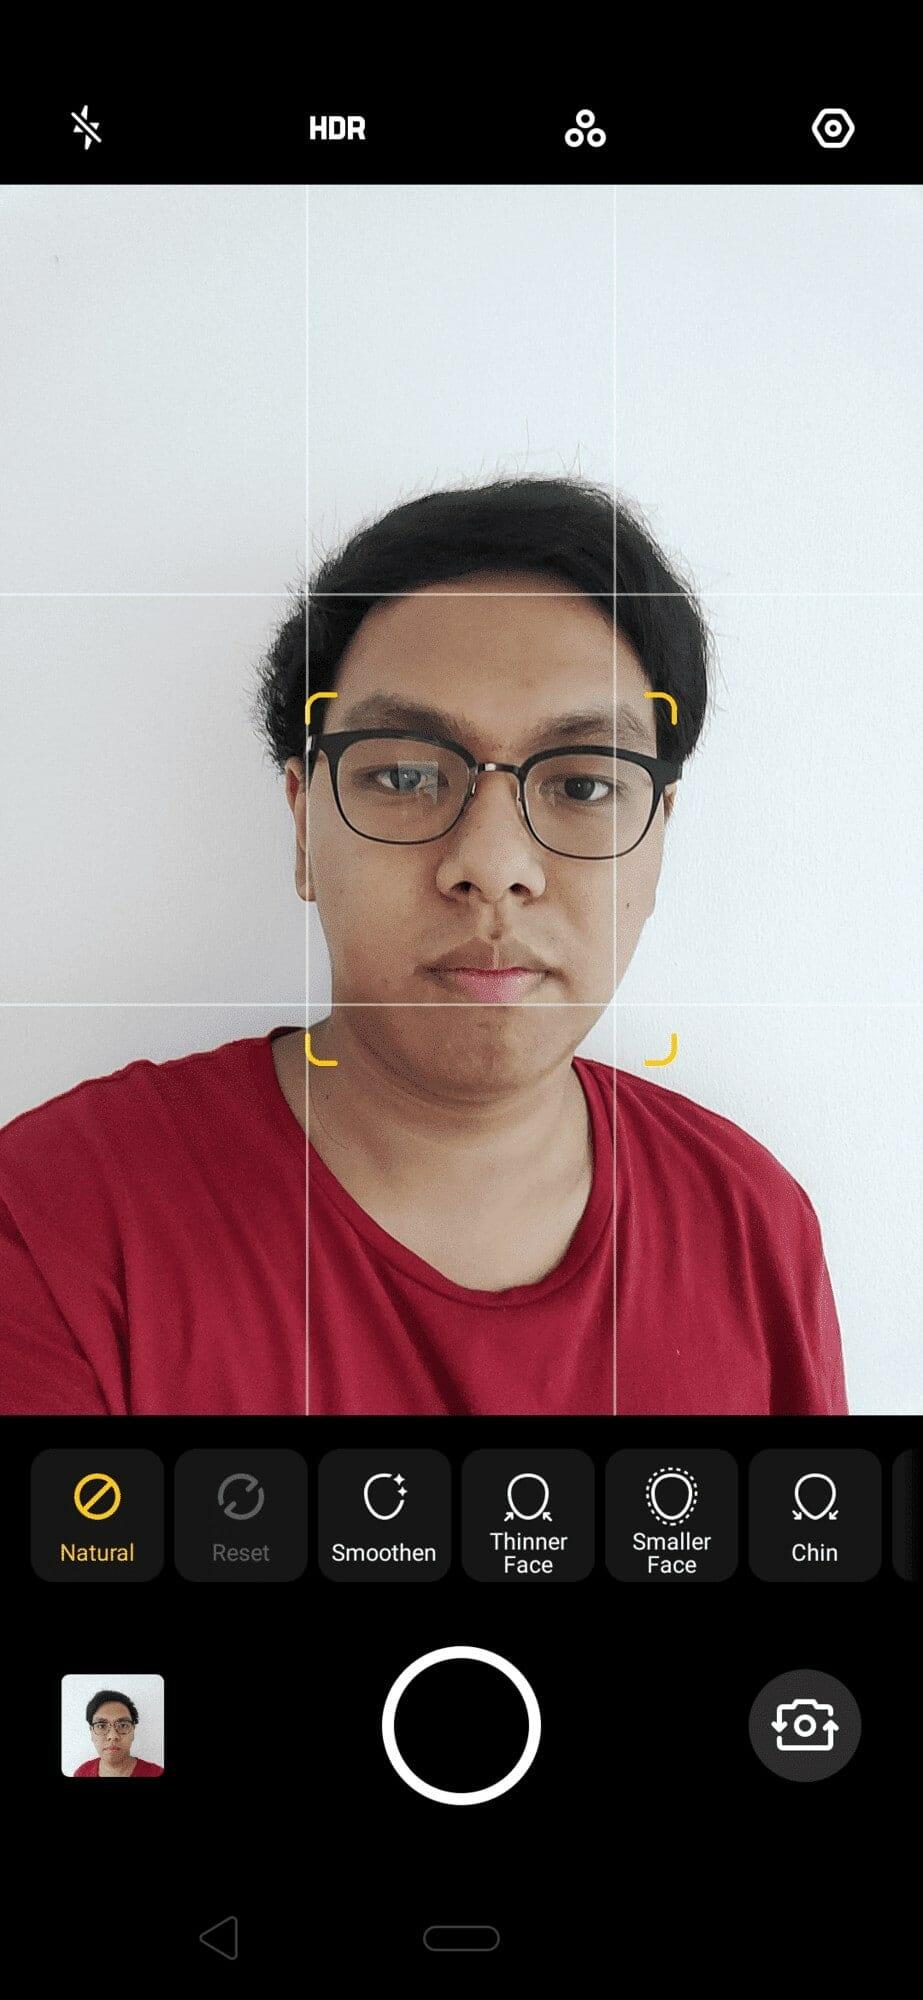 - รีวิว Realme 3 Pro สเปกดีเกินราคา กล้องสวย เล่นเกมลื่นด้วย Snapdragon 710